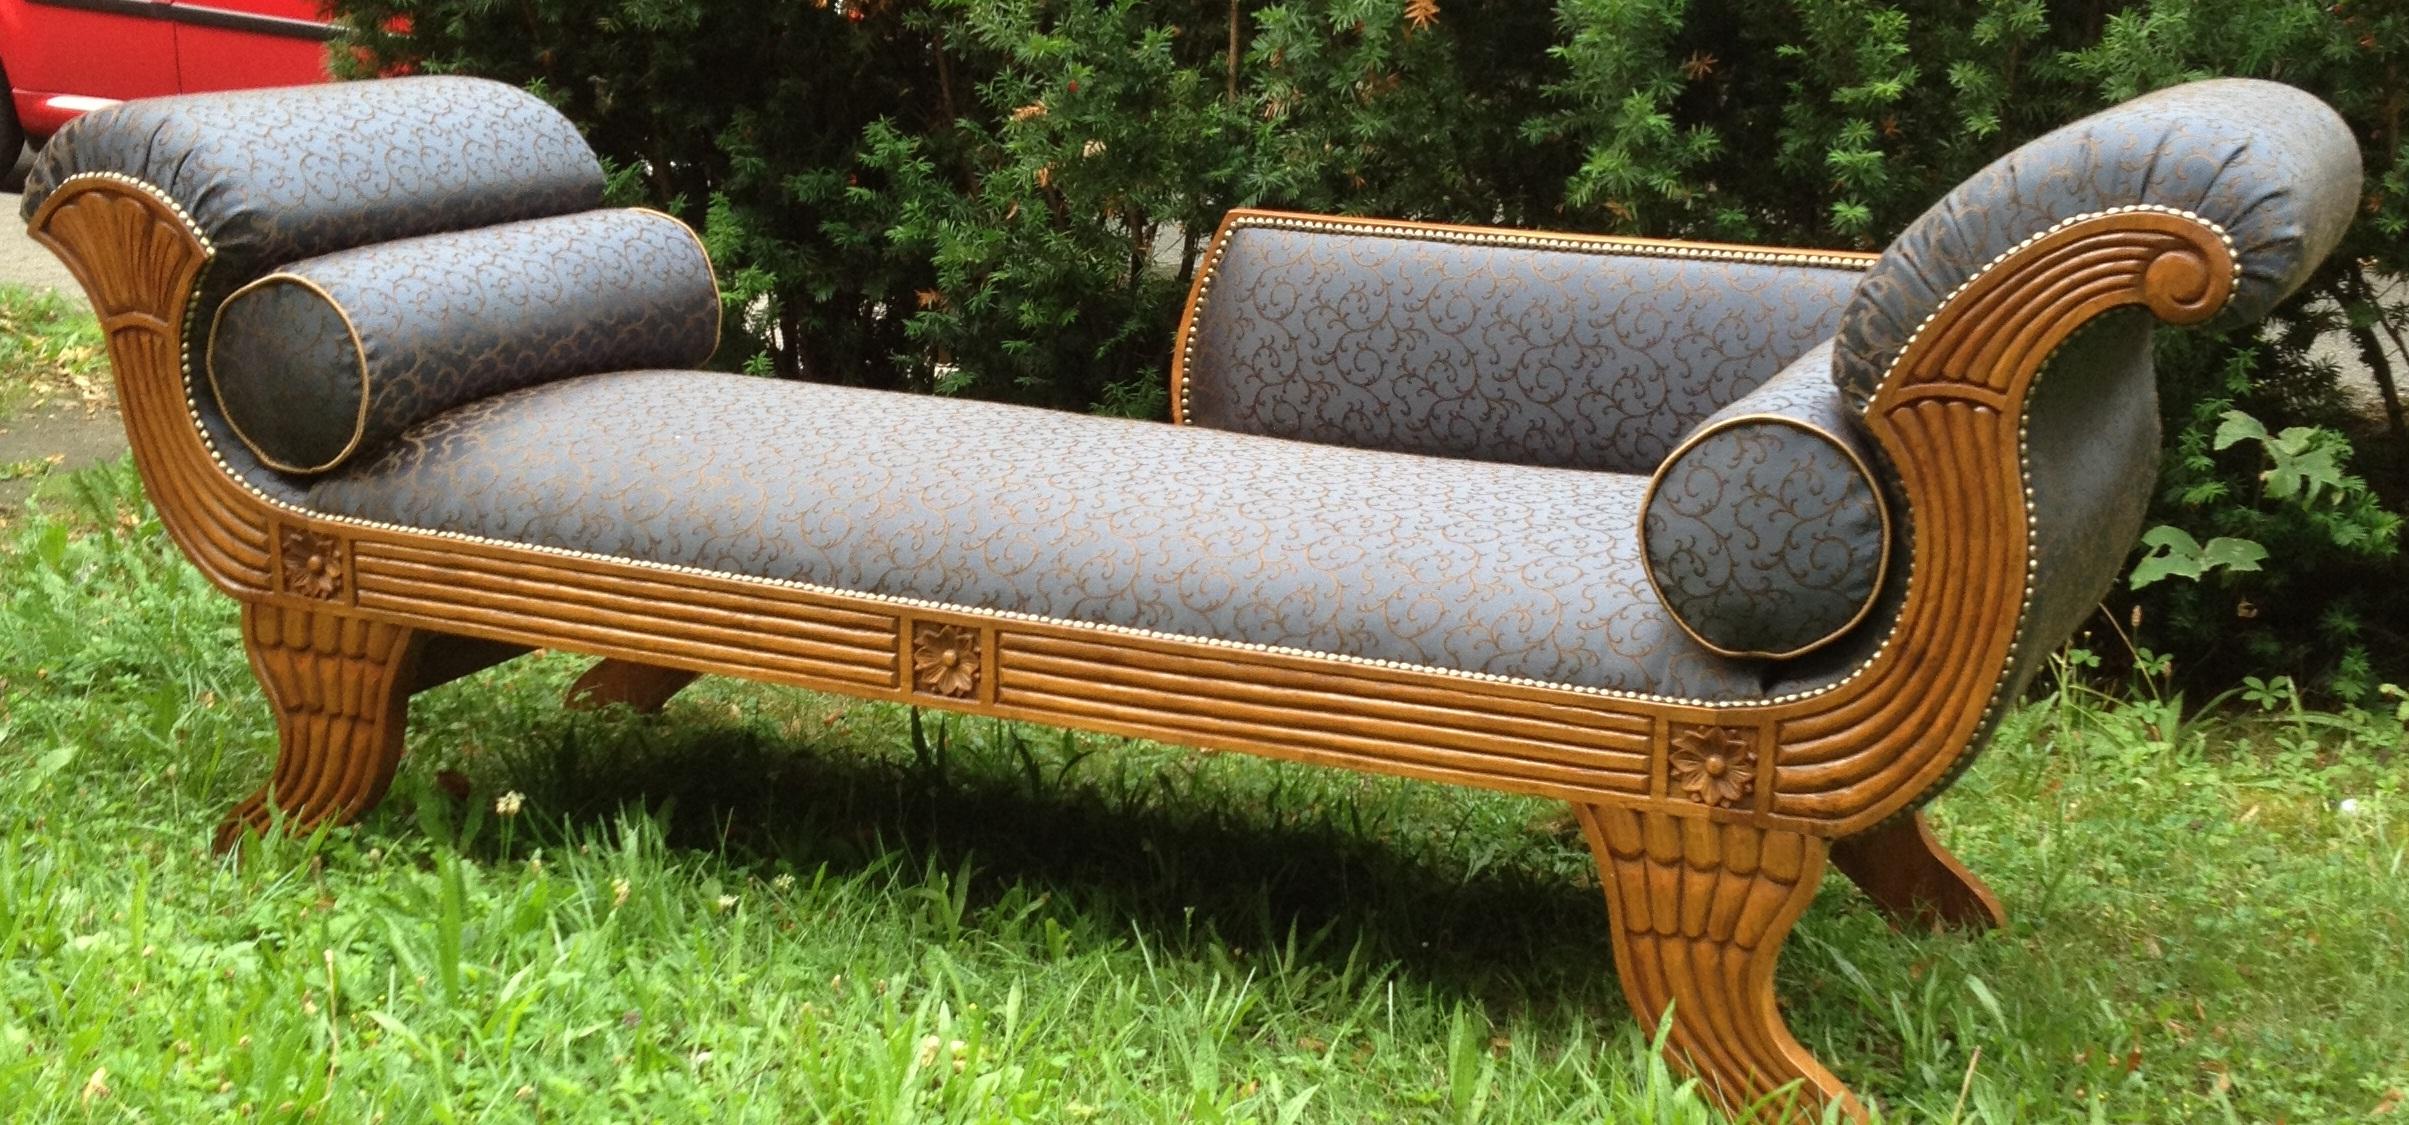 Sofa reinigen wiesbaden - Polstermobel reinigen microfaser ...